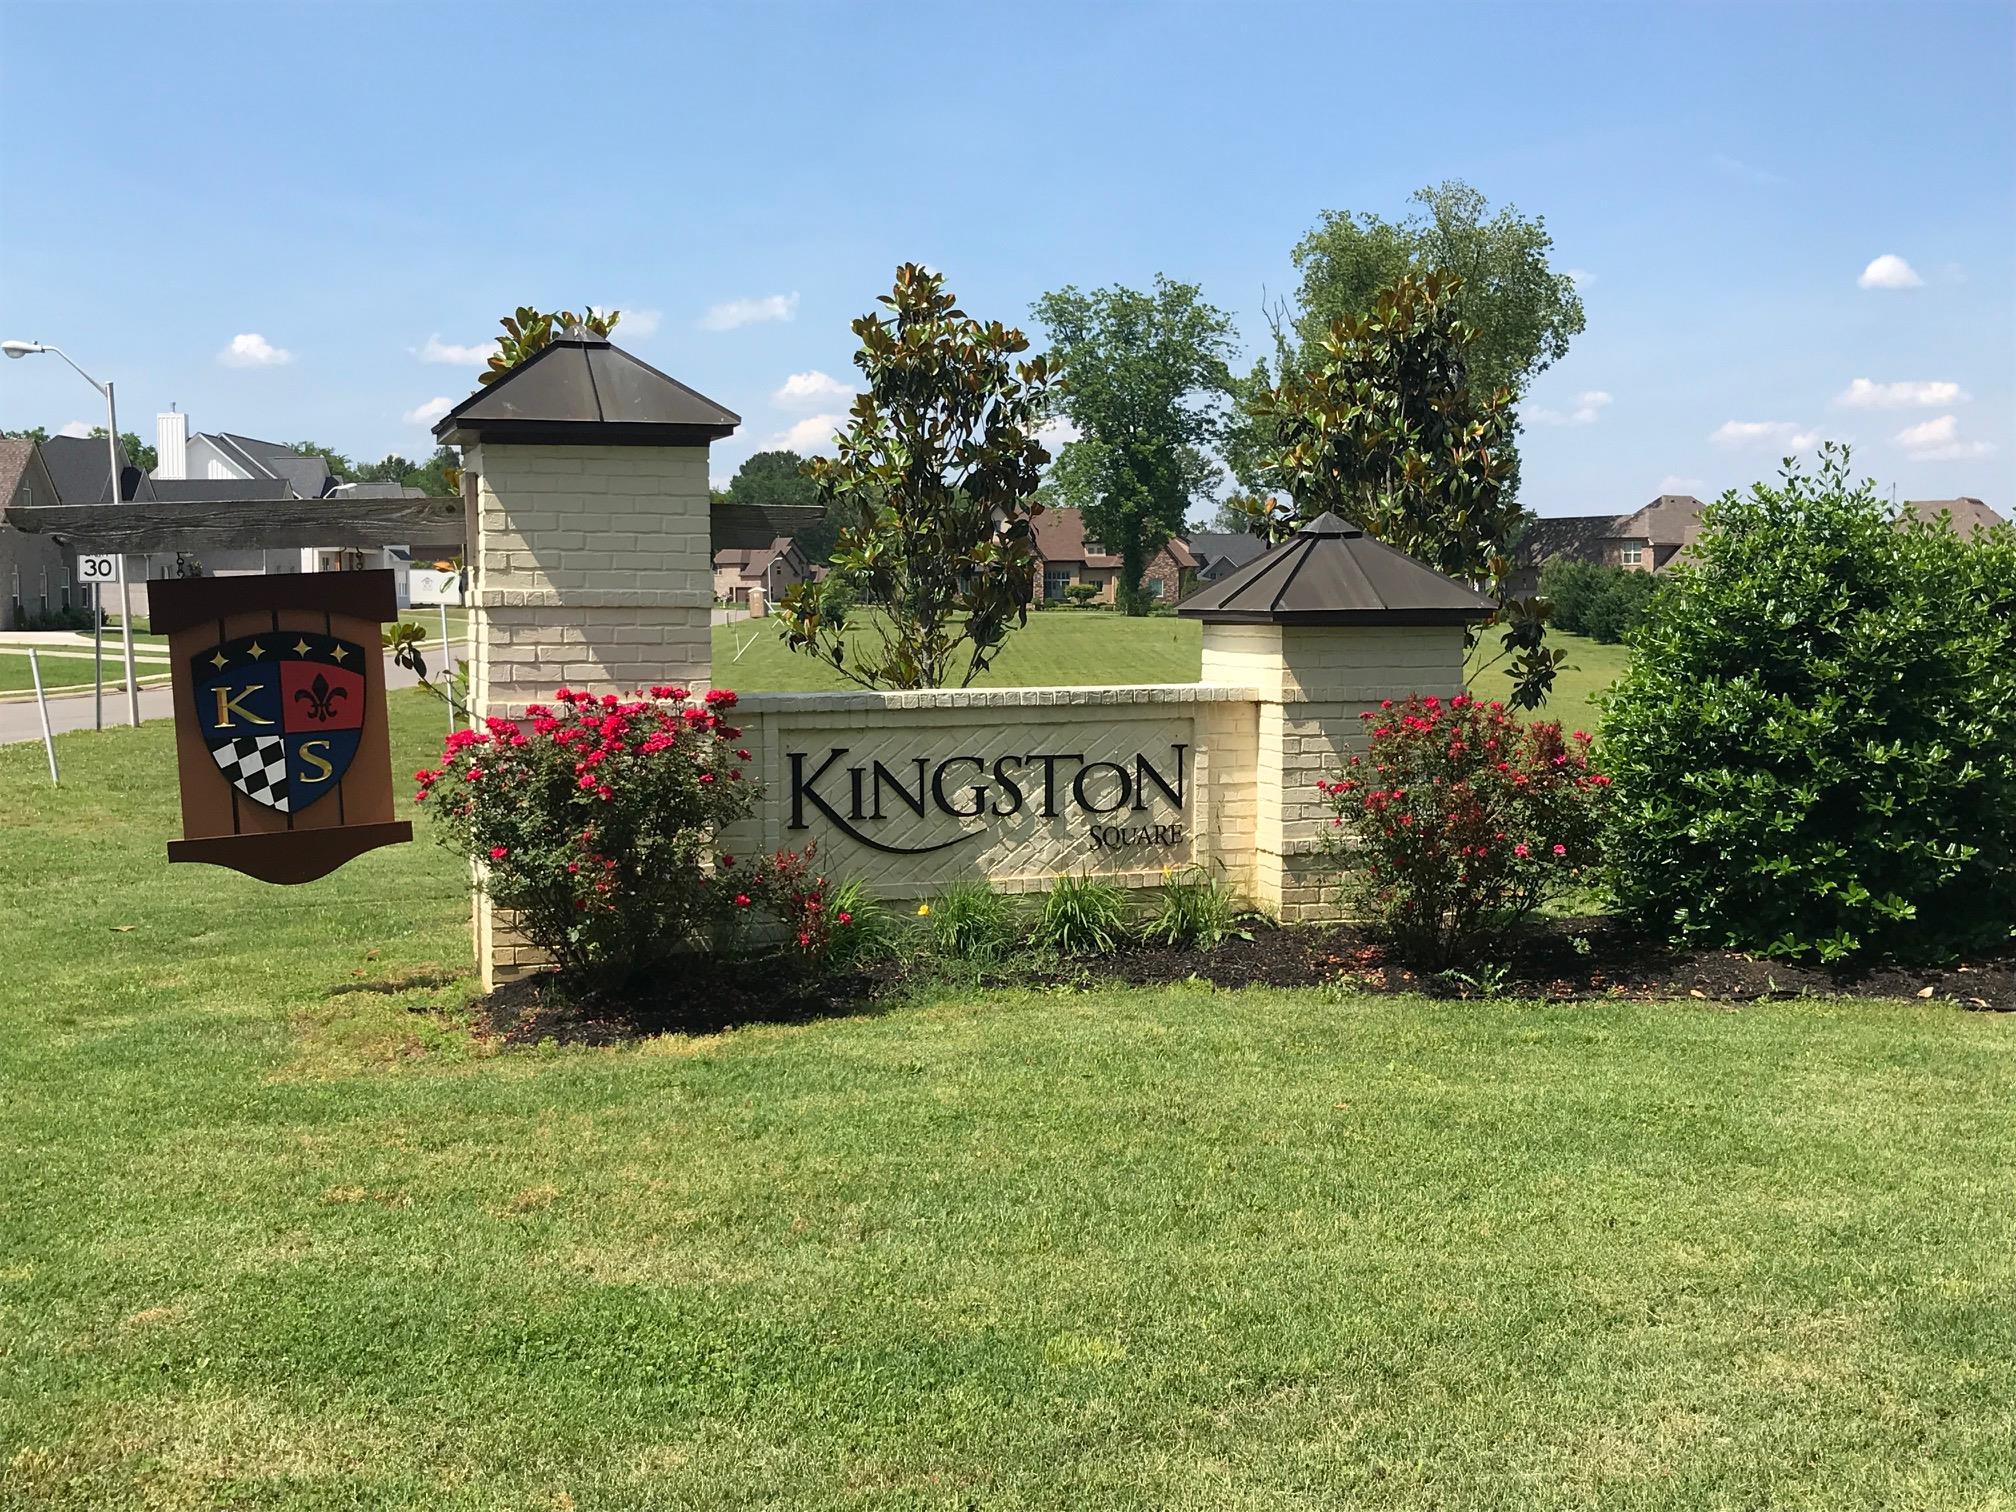 912 Empire Blvd, Murfreesboro, TN 37132 - Murfreesboro, TN real estate listing